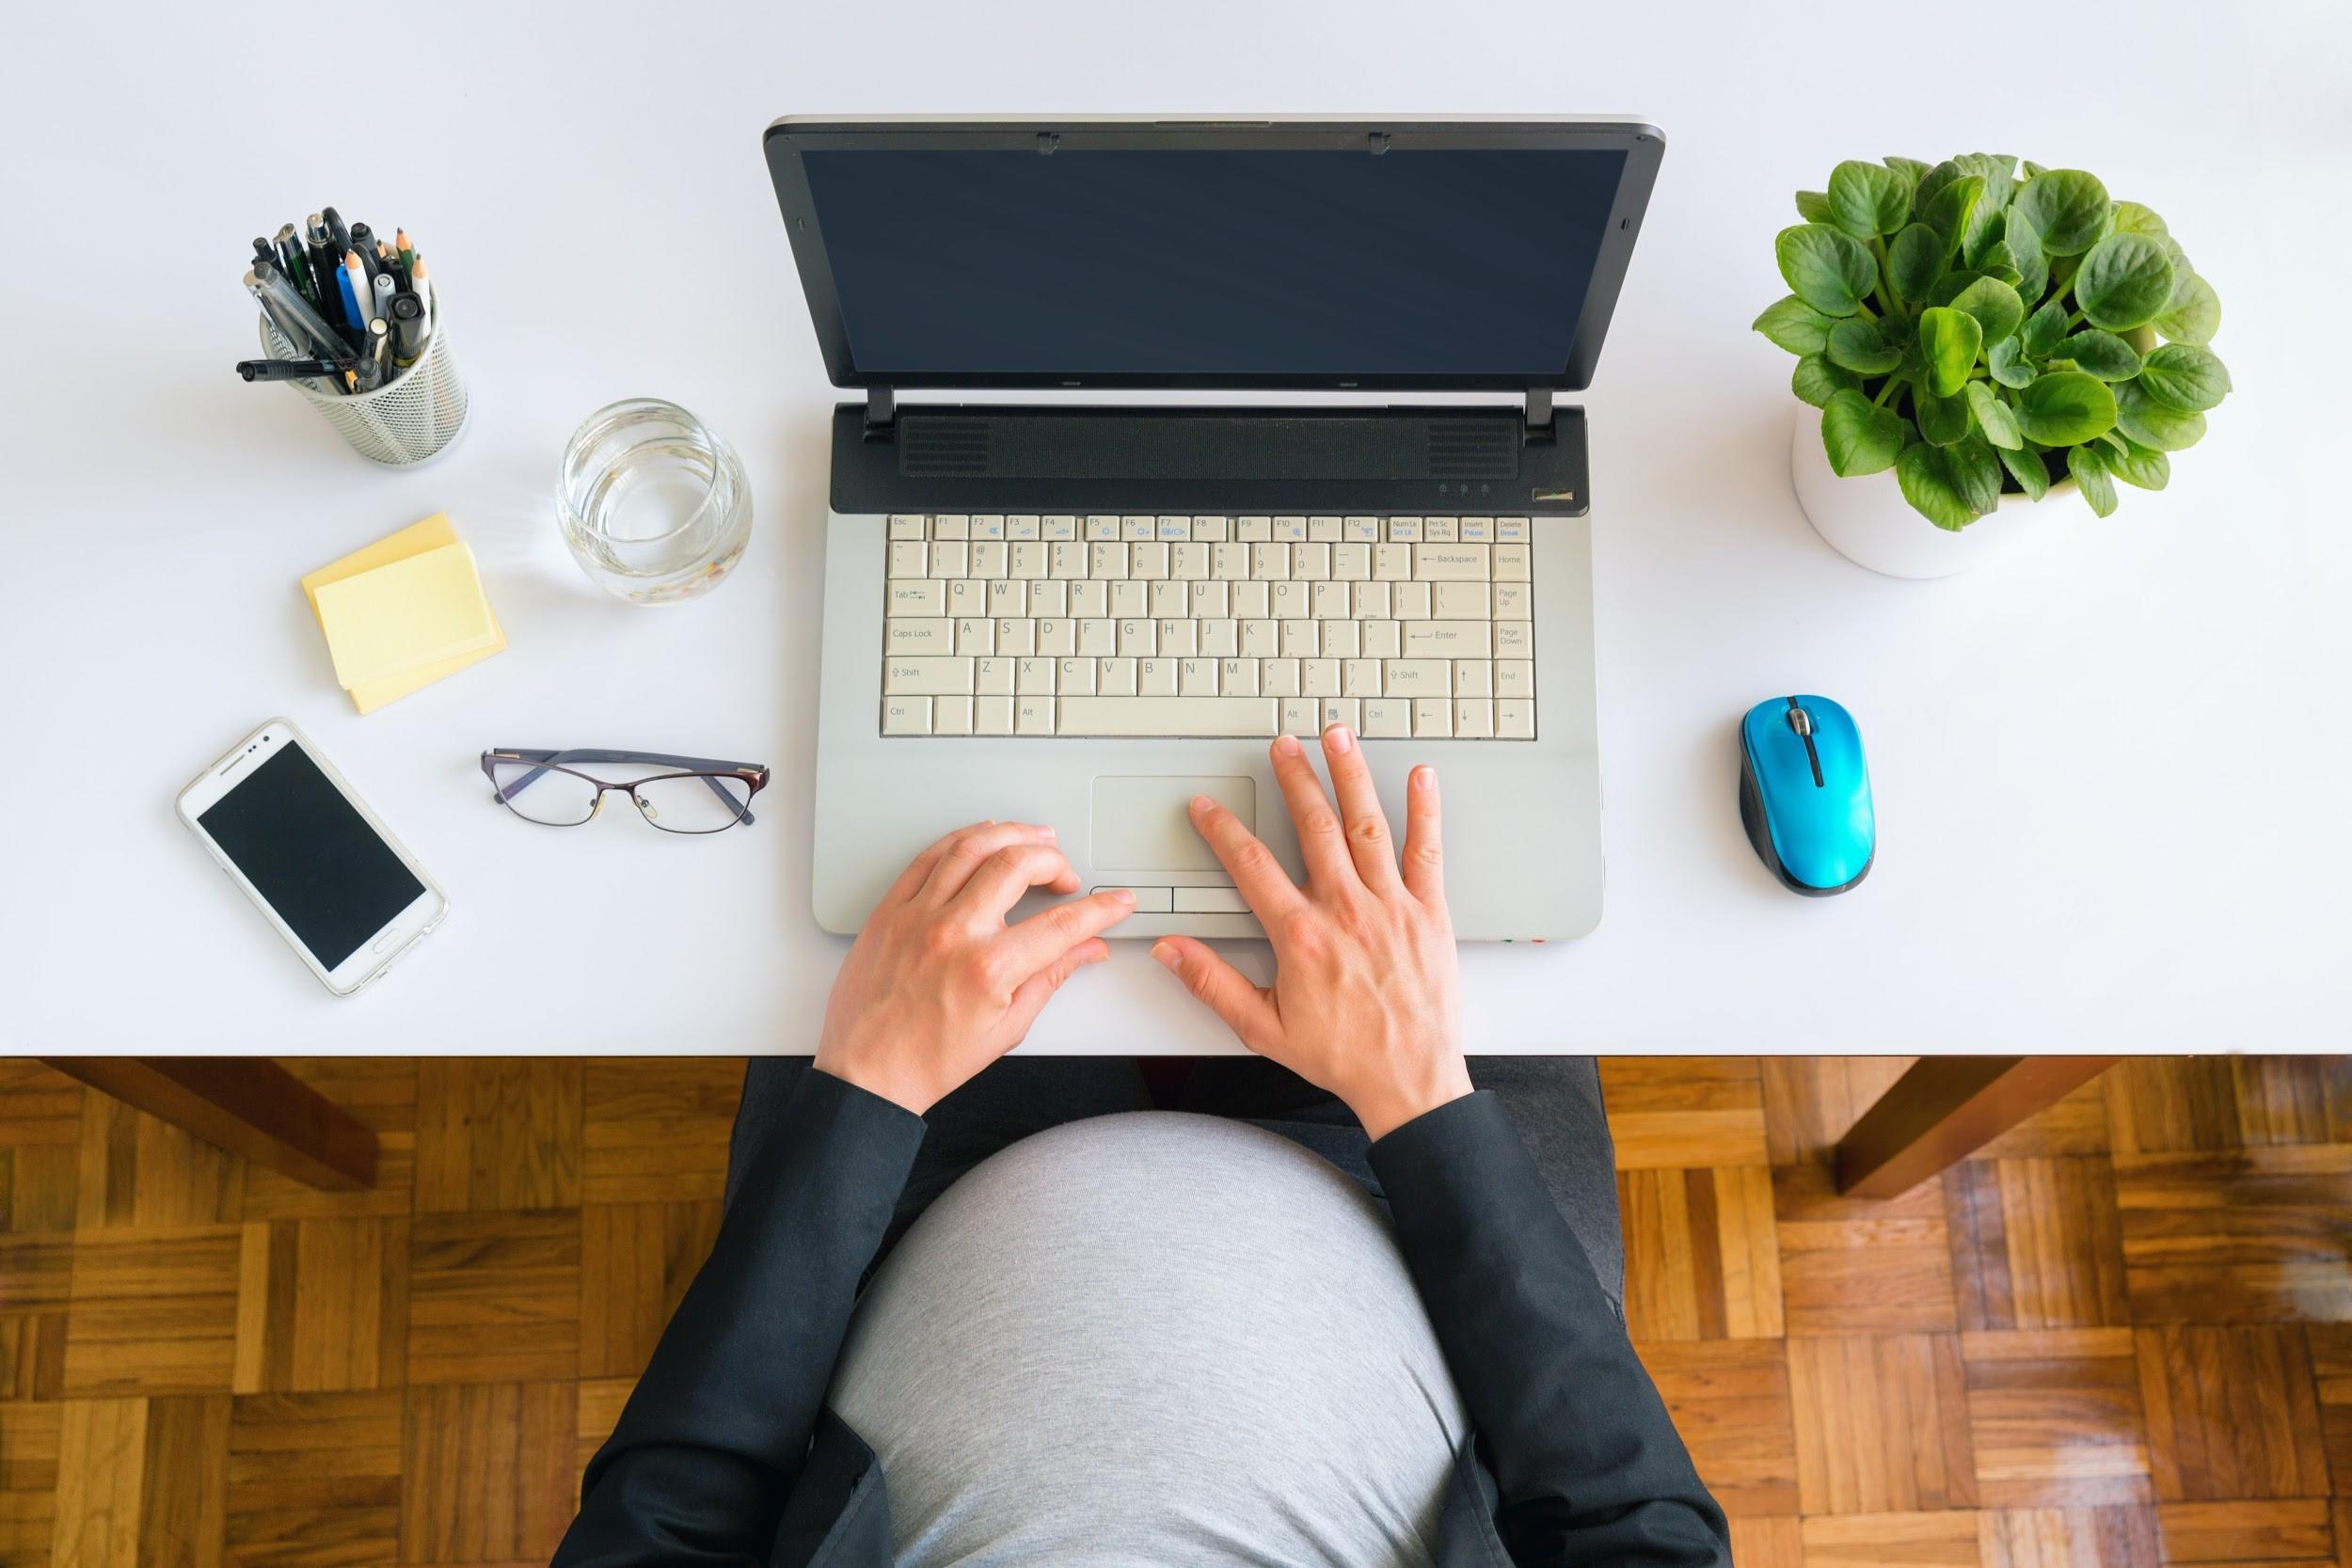 Lugar de mãe também pode ser no mercado de trabalho